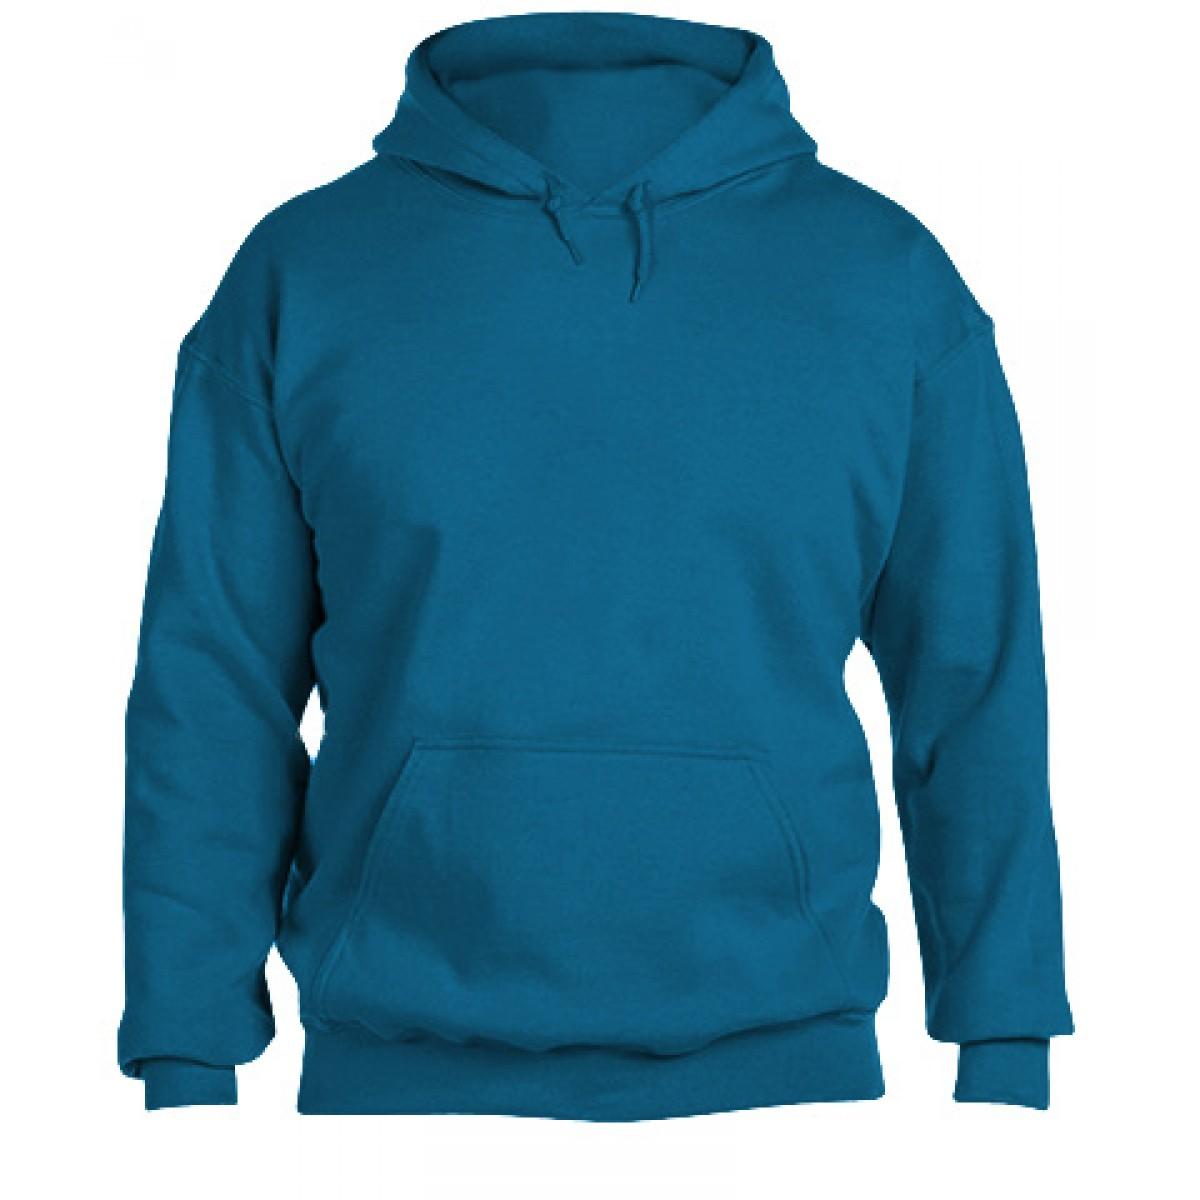 Hooded Sweatshirt 50/50 Heavy Blend -Sapphire-L